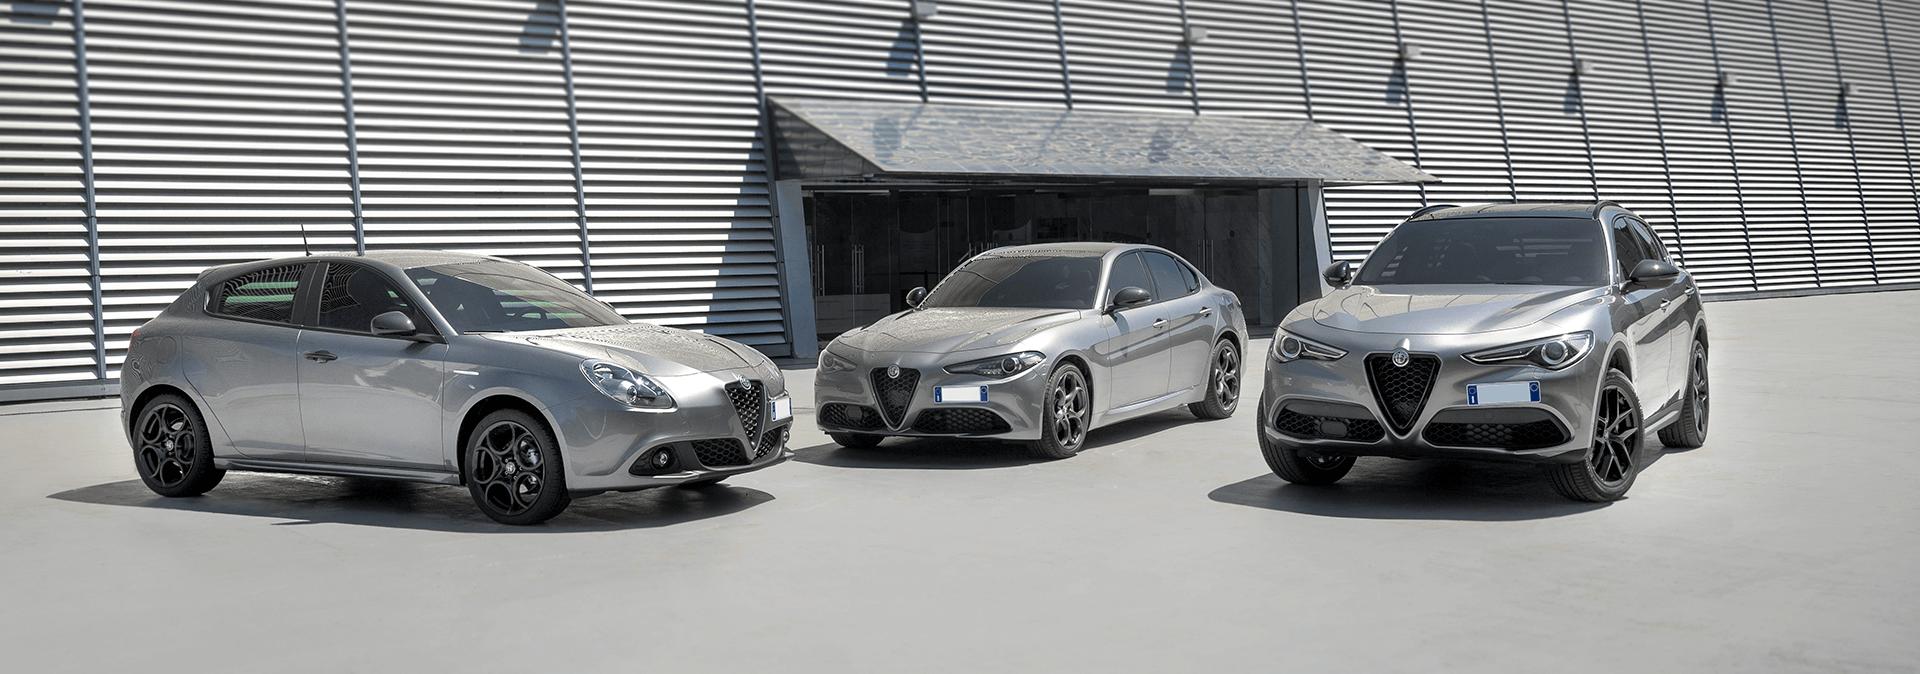 Used Alfa Romeo car image